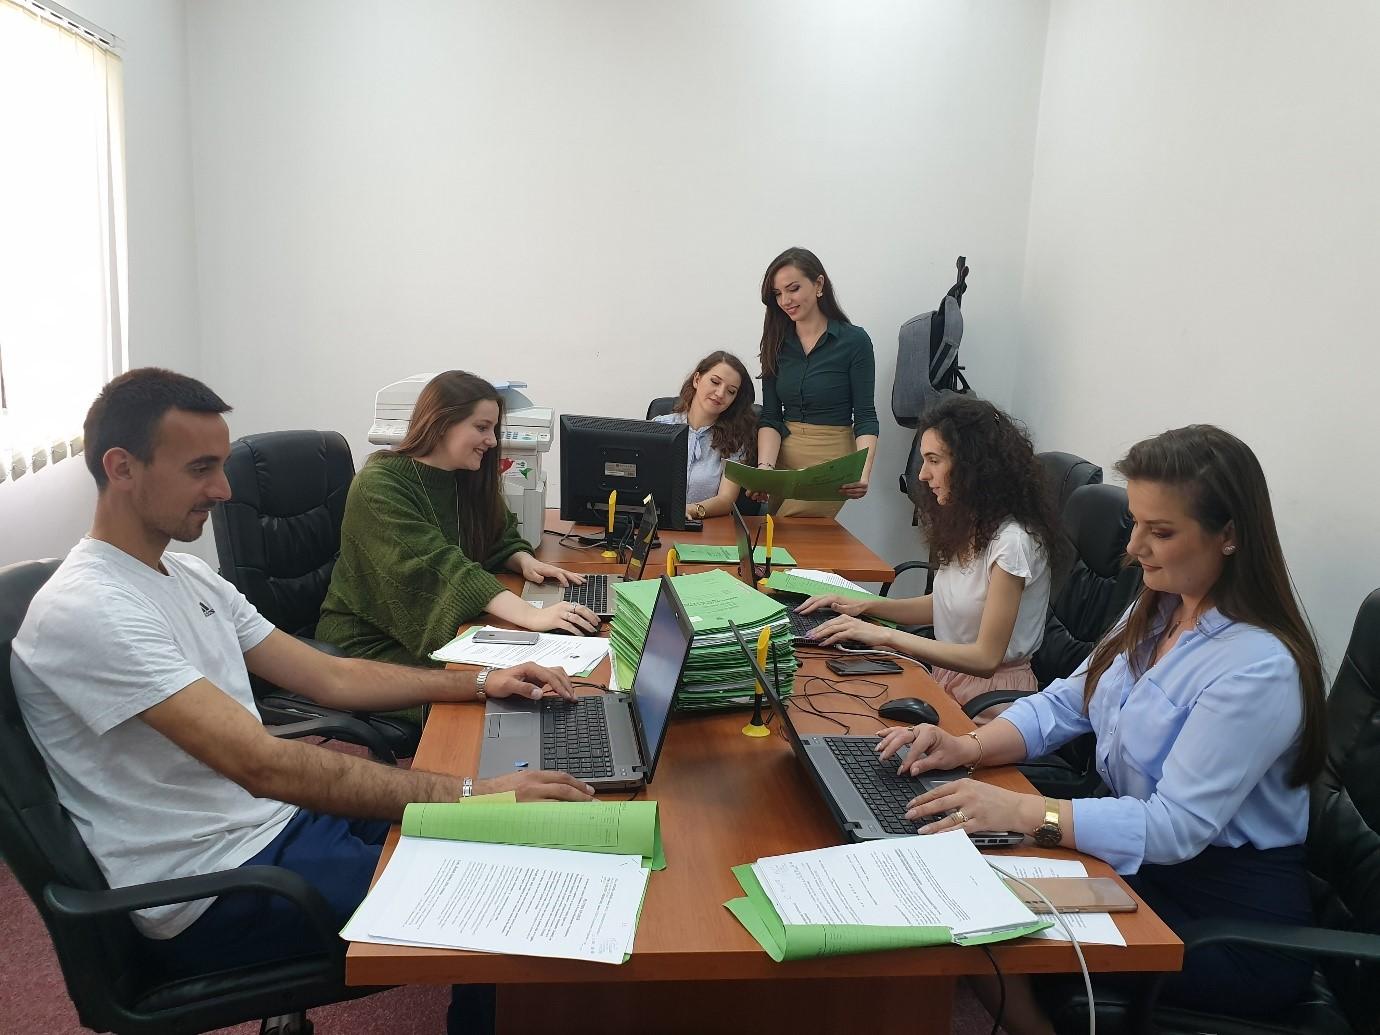 Osnvni sud Uroševac zarvšio je u potpunosti registracju starih građanskih predmeta u ISUP sistemu.